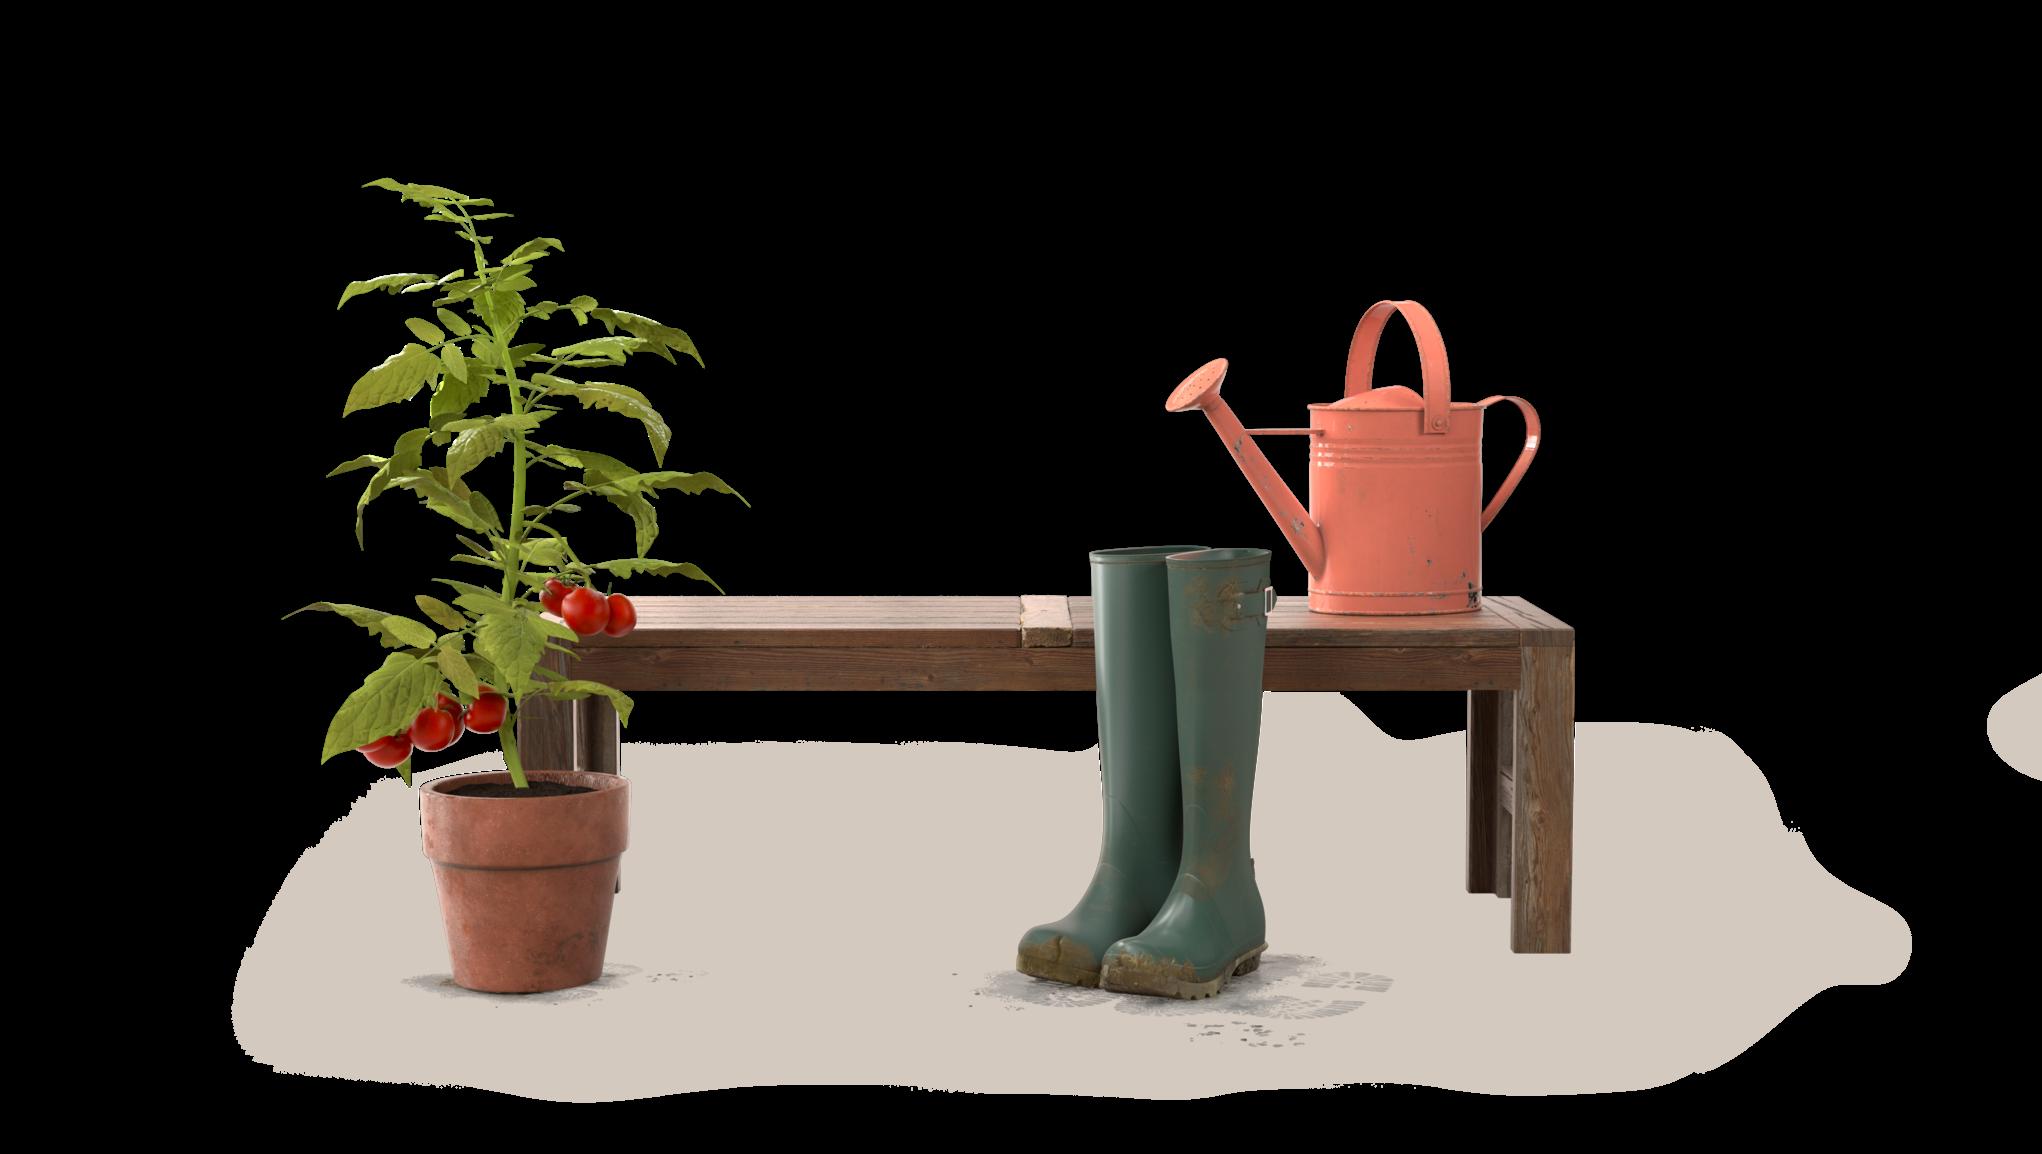 Rød vannkanne på benk med et par støvler og en potteplante